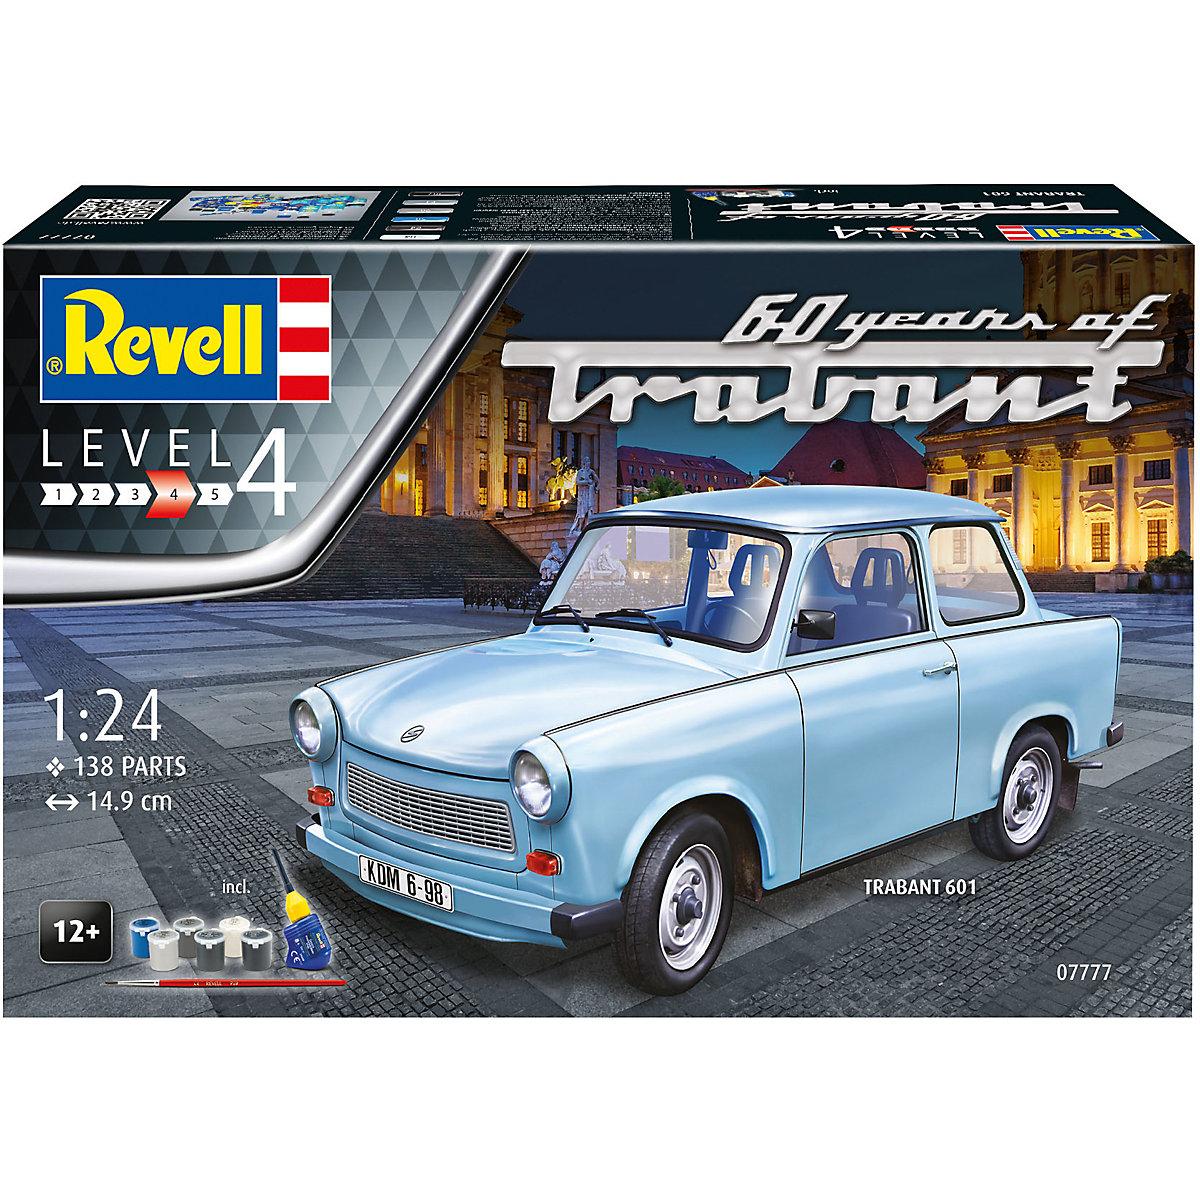 Corfix Gift Set auto 07777 Trabant 601S 60 Years of Trabant 1:24